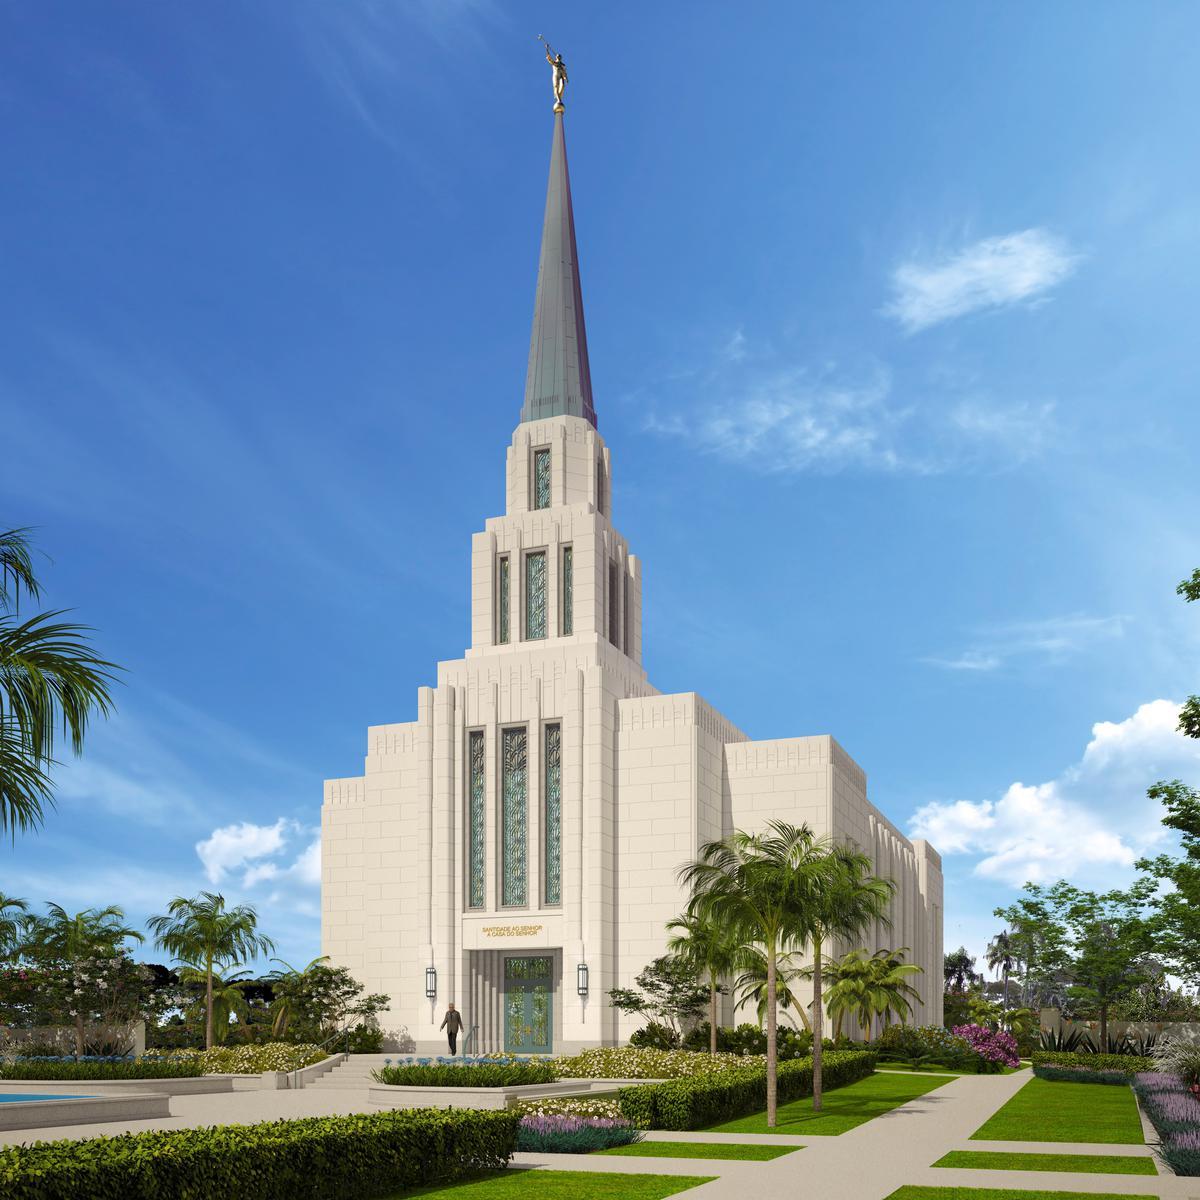 Perspectiva do templo mormon no Rio de Janeiro